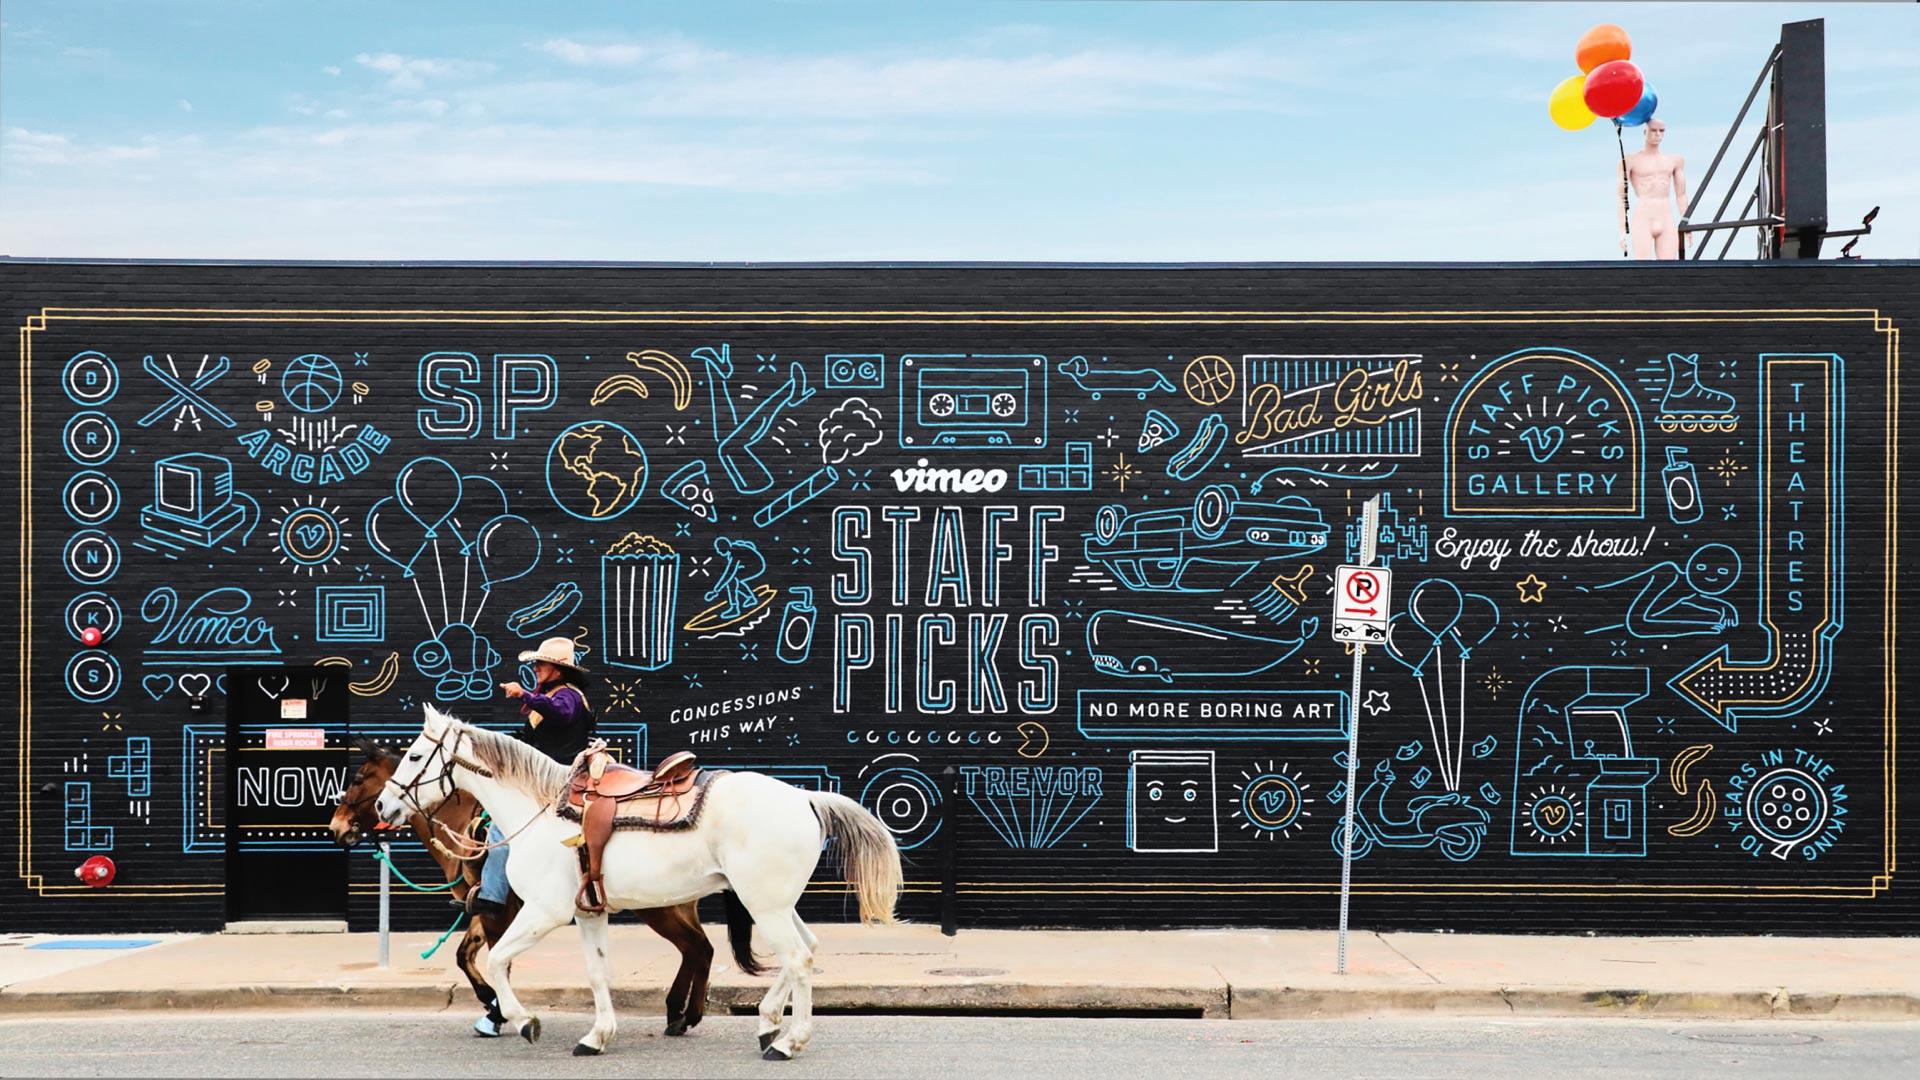 Vimeo mural.jpg